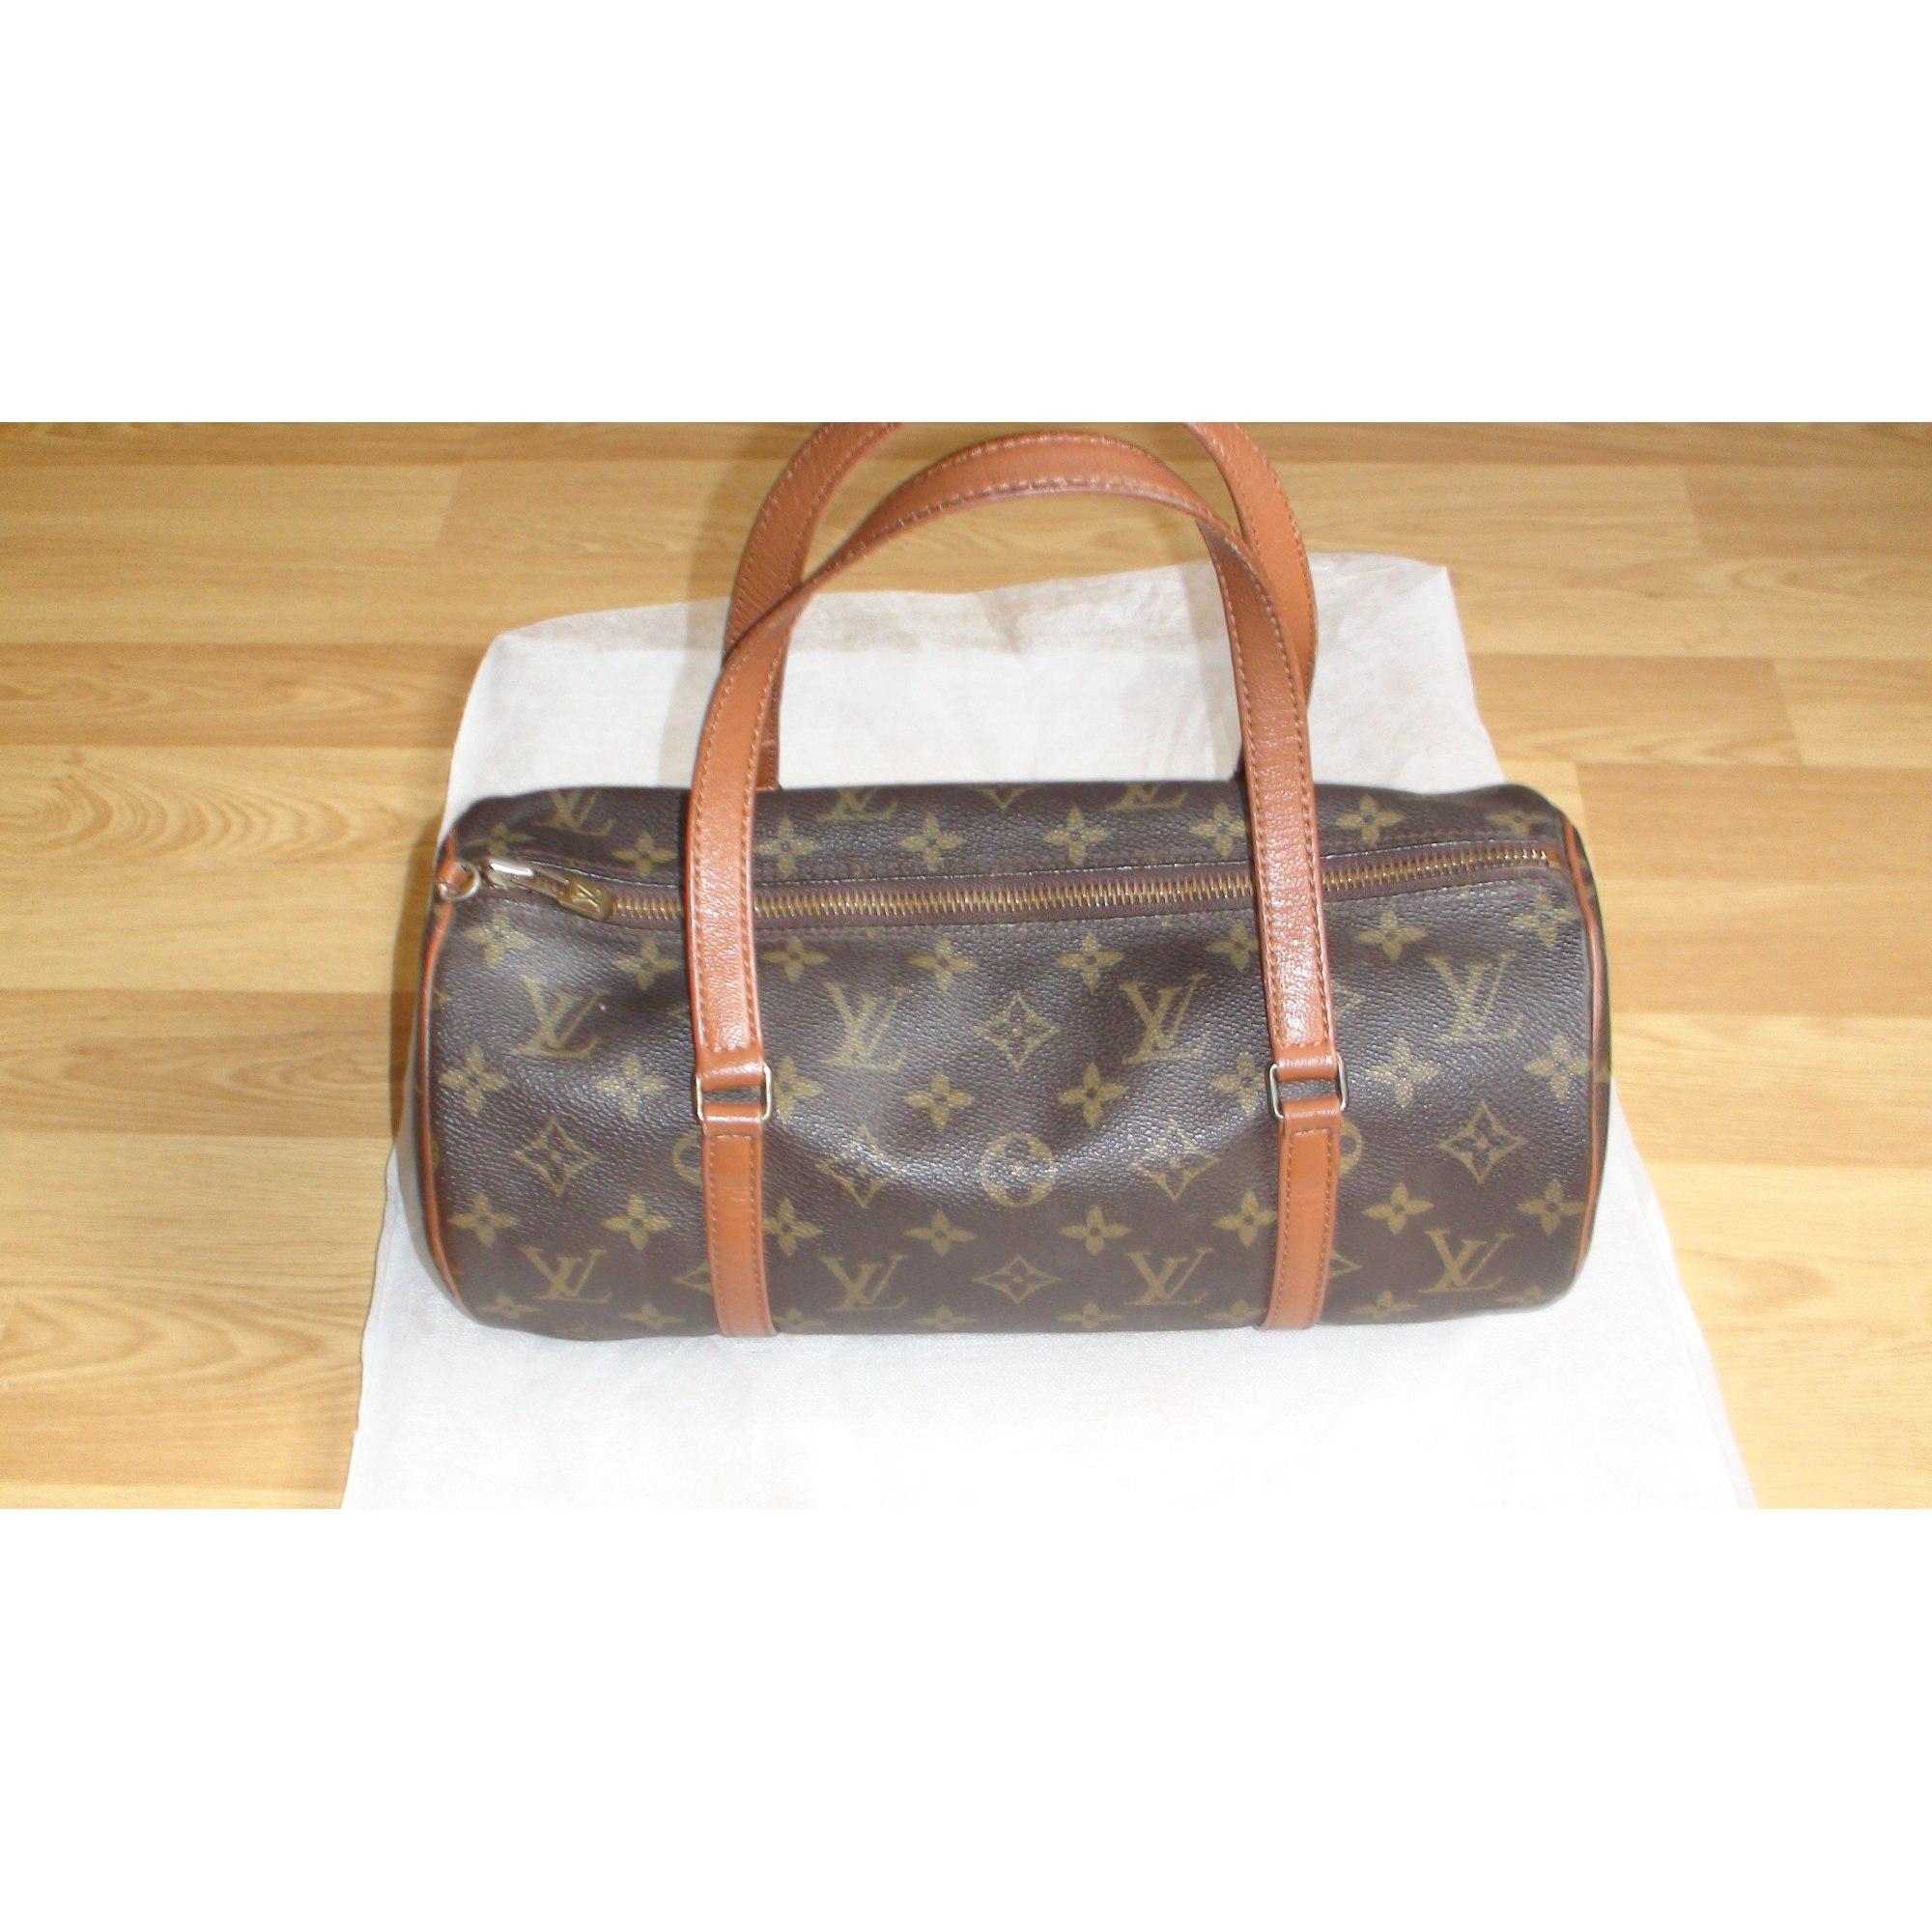 Sac à main en cuir LOUIS VUITTON marron vendu par Le vide dressing ... b6e282c6e02